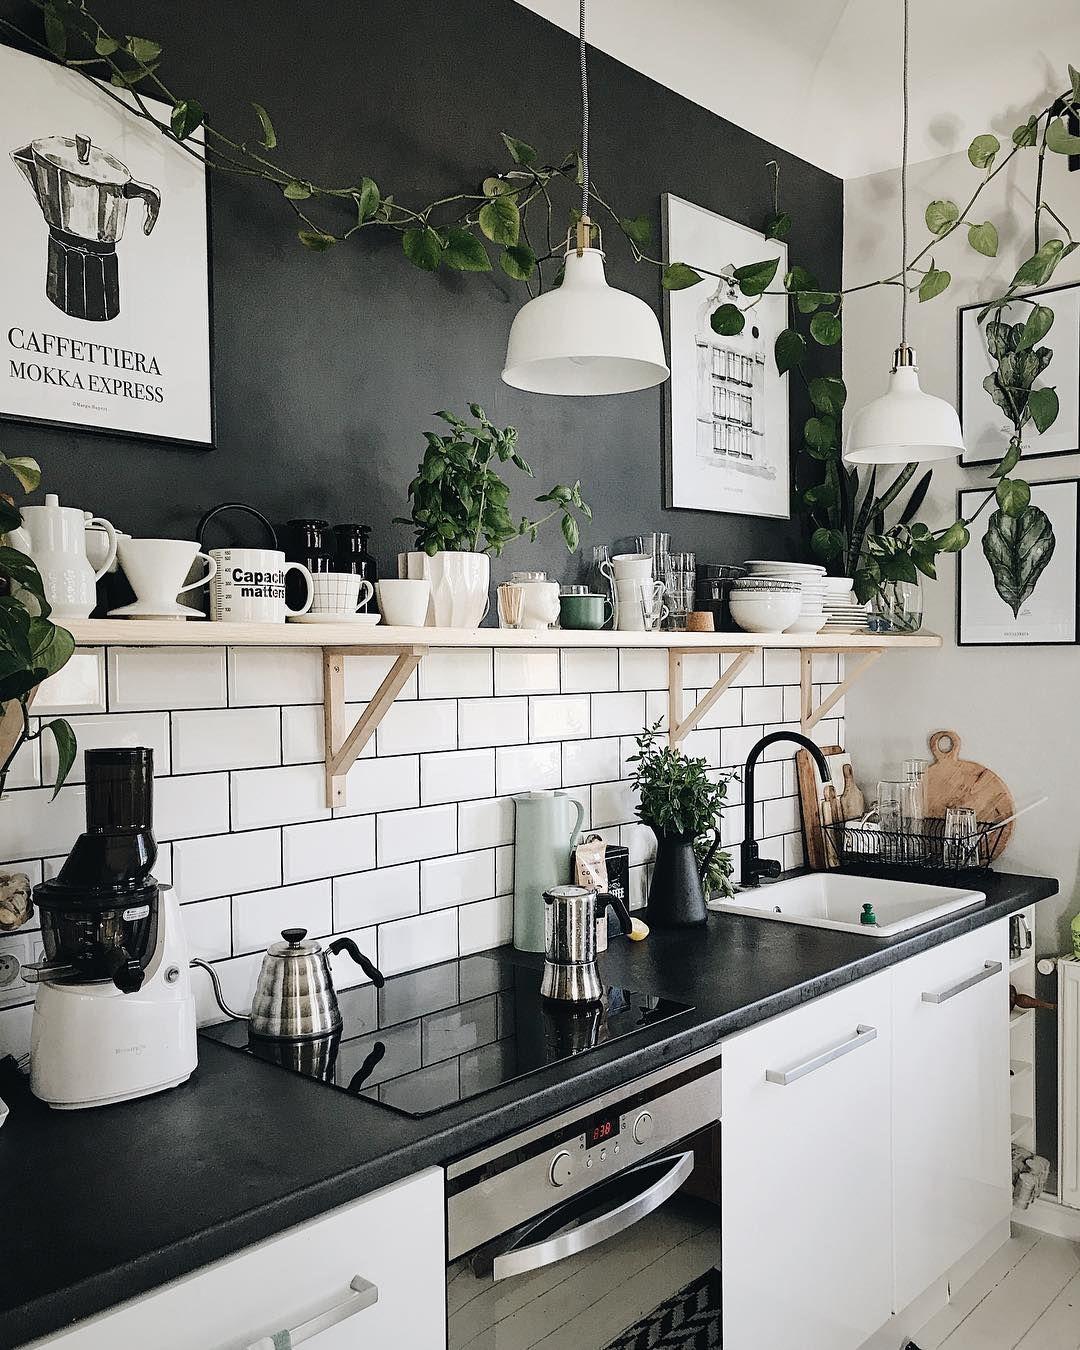 Pin de C H O en h o m e   Pinterest   Cocinas, Interiores y ...